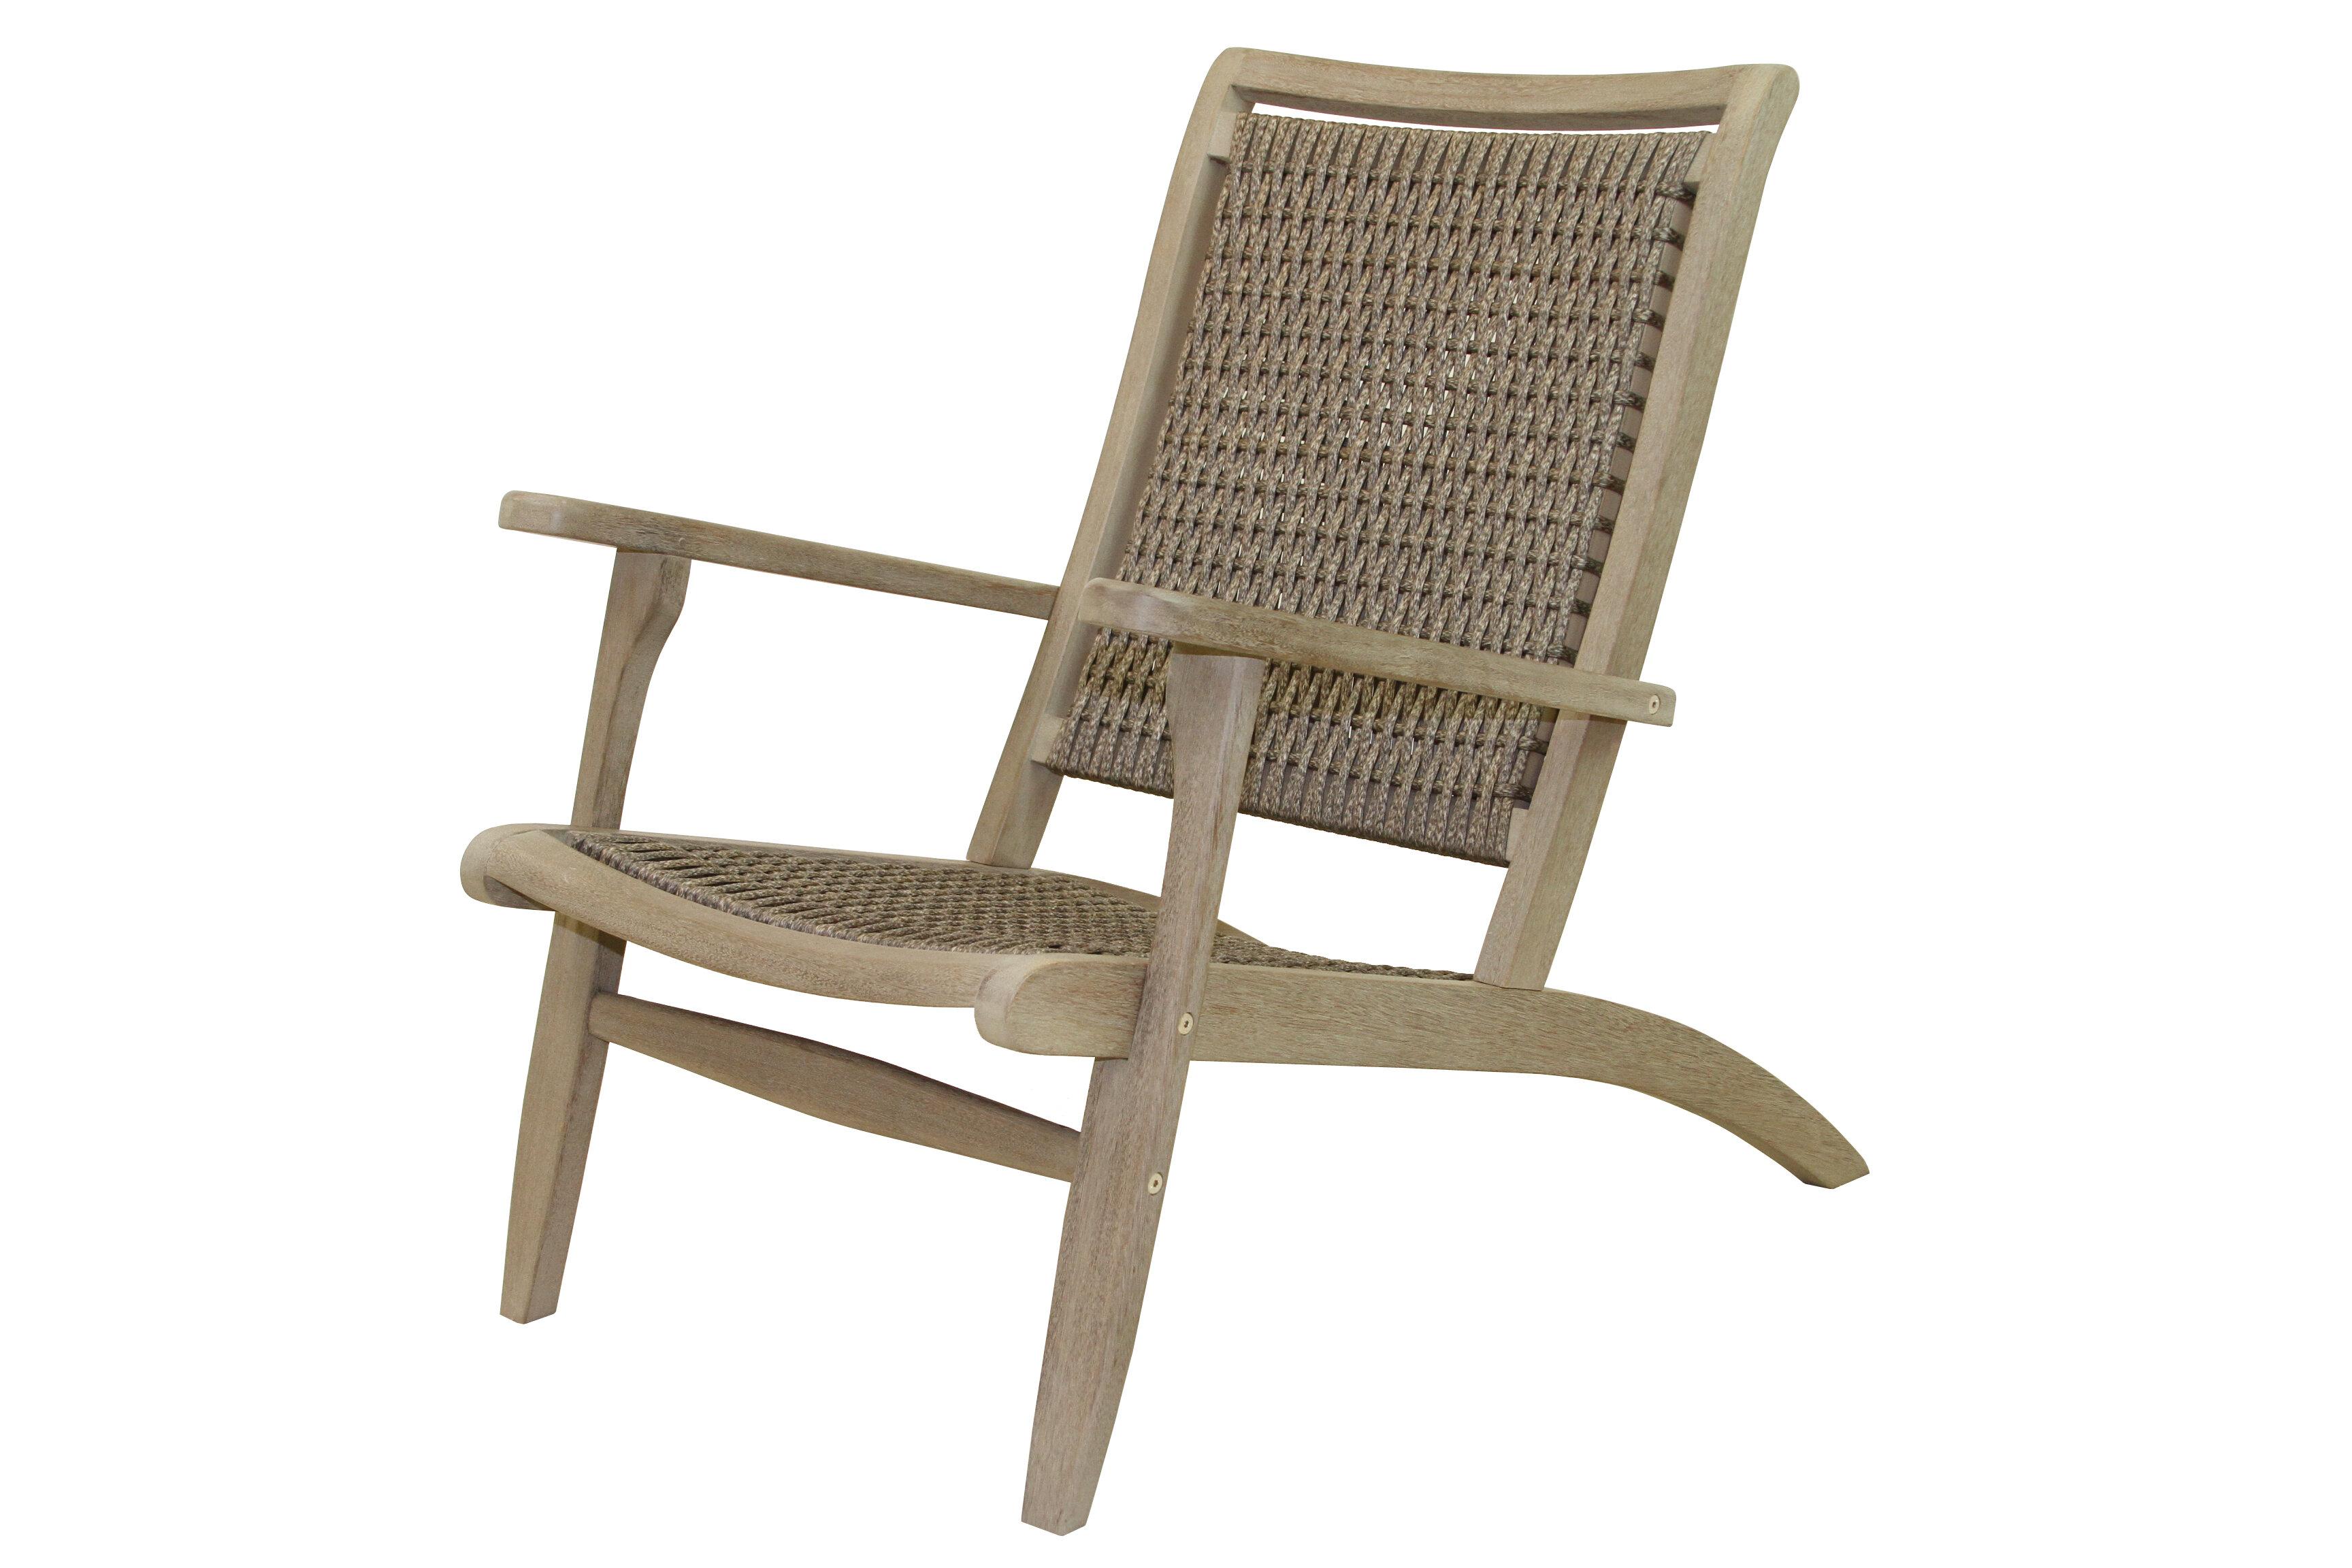 rex brazilian patio chair